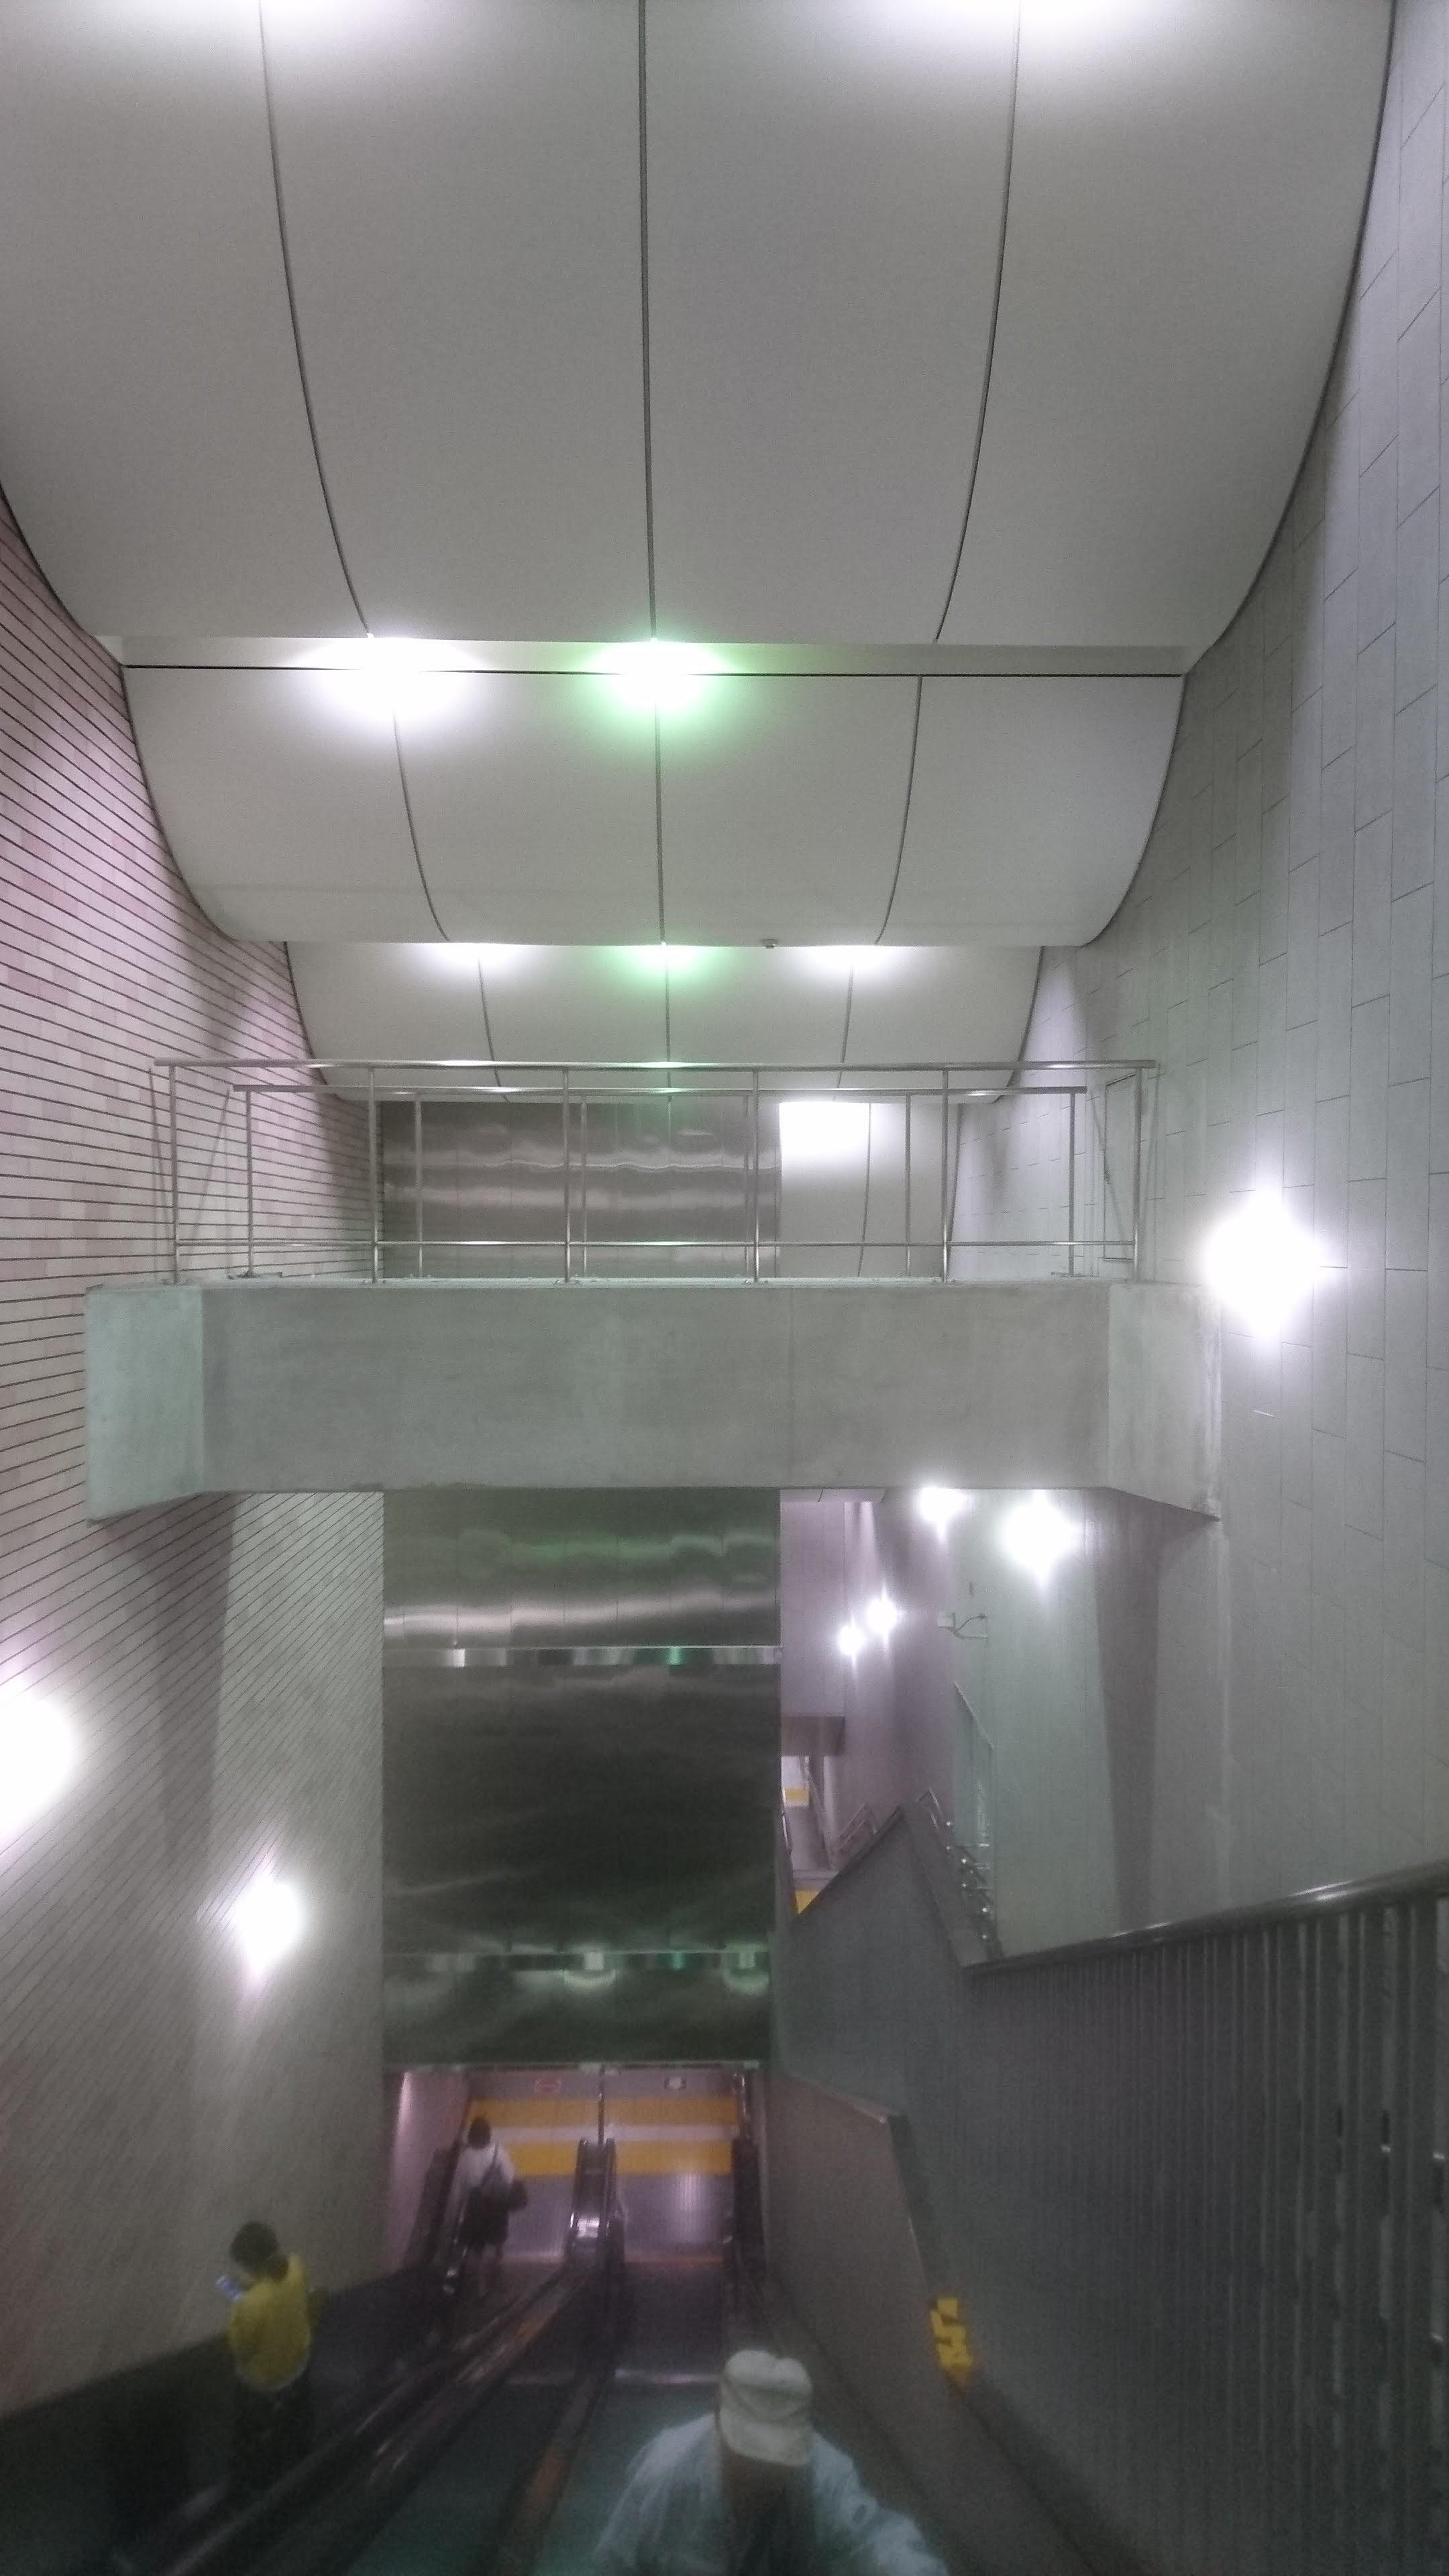 ここでLIVEしてみたい。(東新宿駅の「ステージ」)